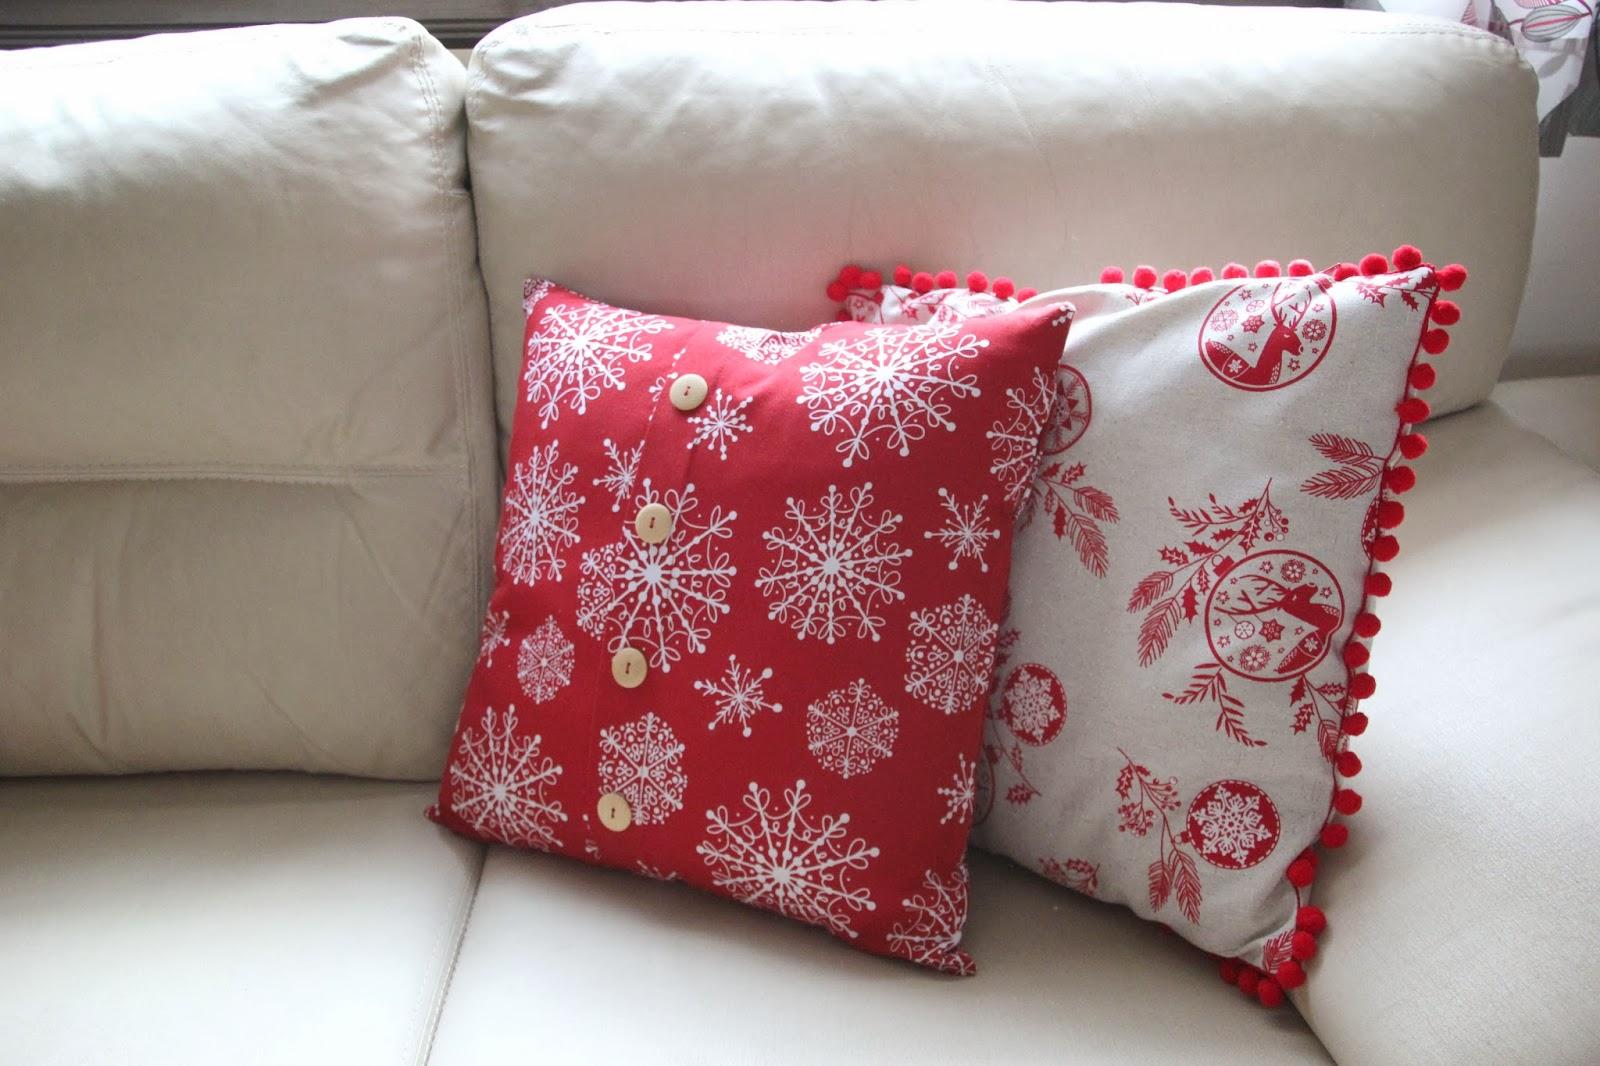 Patrones Para Hacer Cojines.Diy Navidad Como Hacer Cojines Para Decorar Tu Casa En